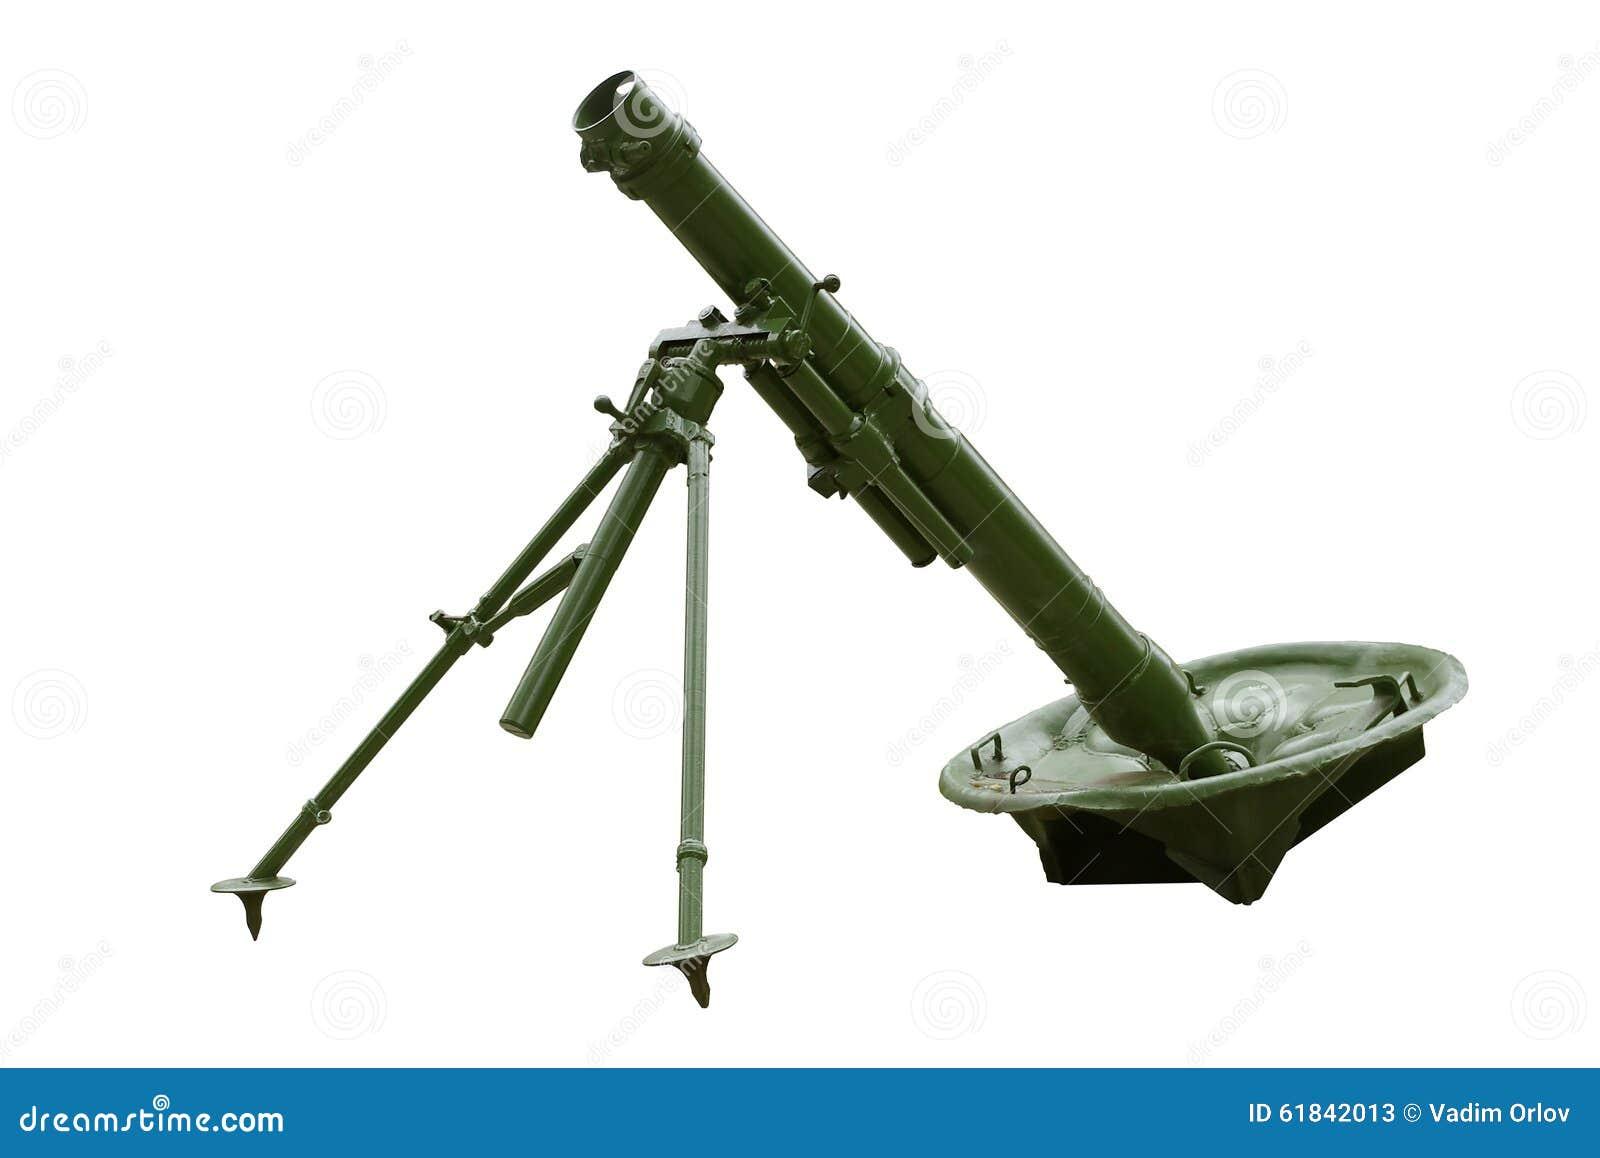 Русский модель 1938 миномета 120 mm полковая